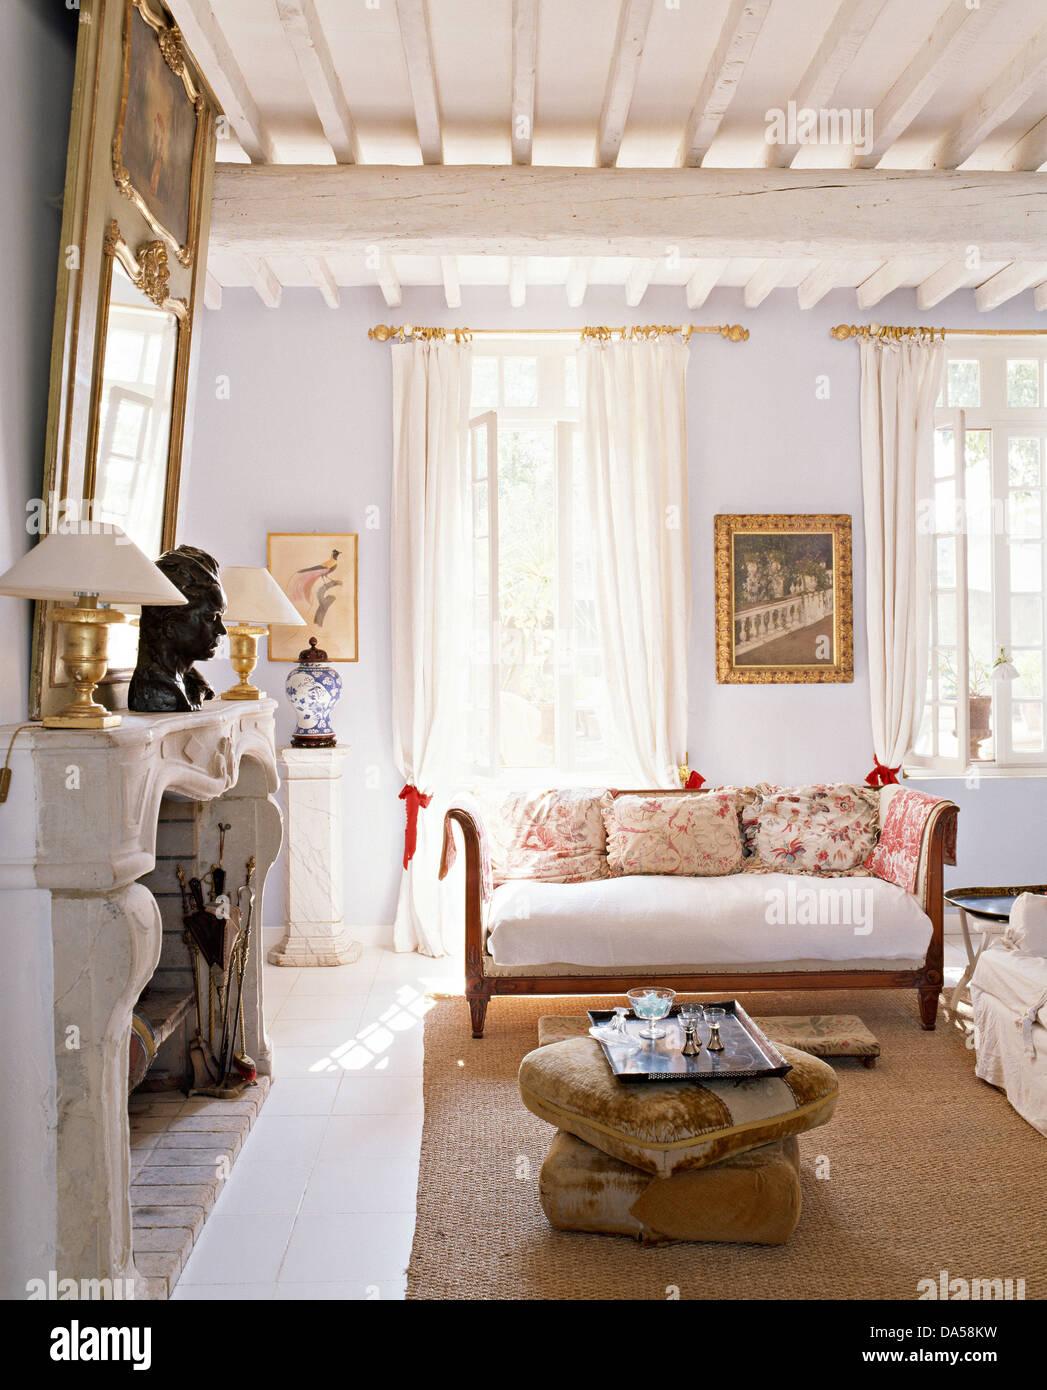 https://c8.alamy.com/compit/da58kw/cuscini-pianale-accanto-al-camino-in-blu-pallido-paese-francese-soggiorno-con-divano-di-antiquariato-e-dipinti-di-bianco-travi-a-soffitto-da58kw.jpg